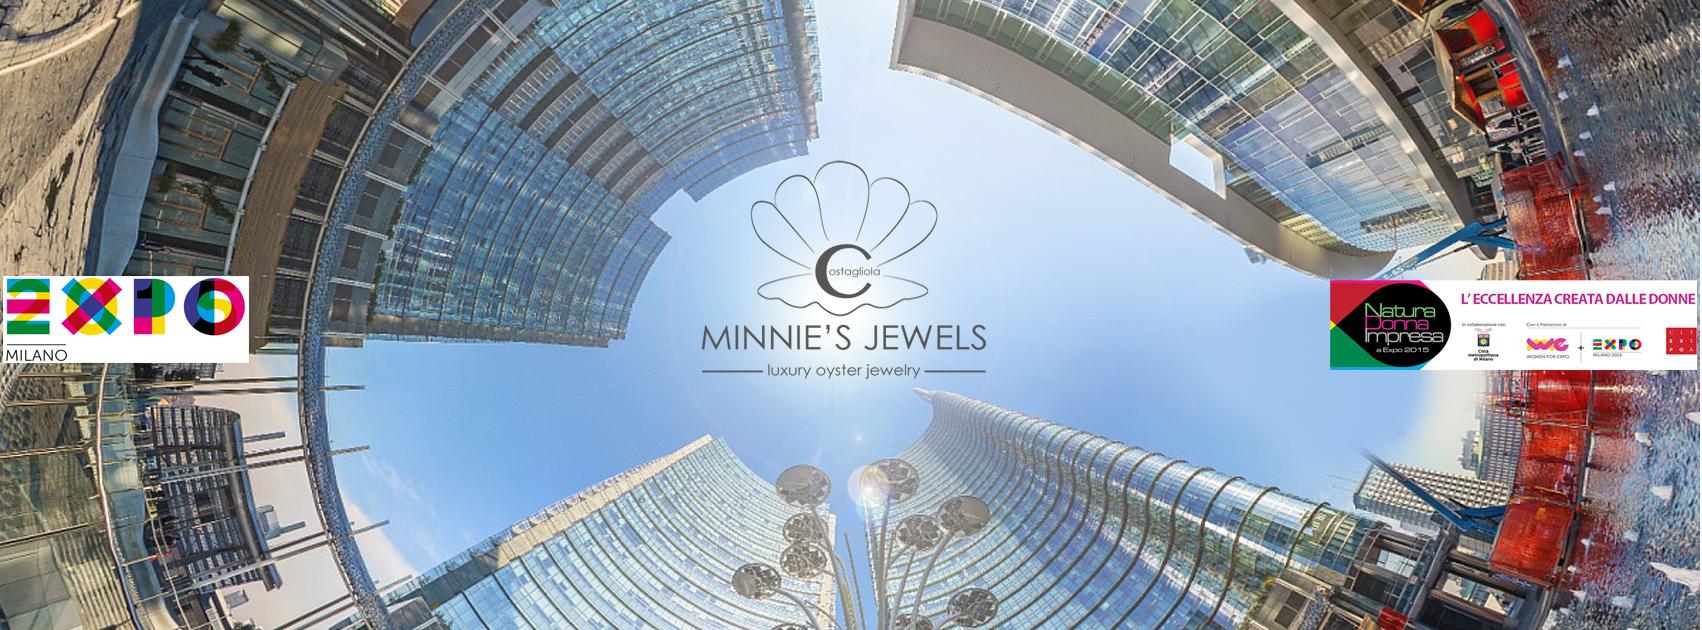 Minnies Jewels sbarca in Expò